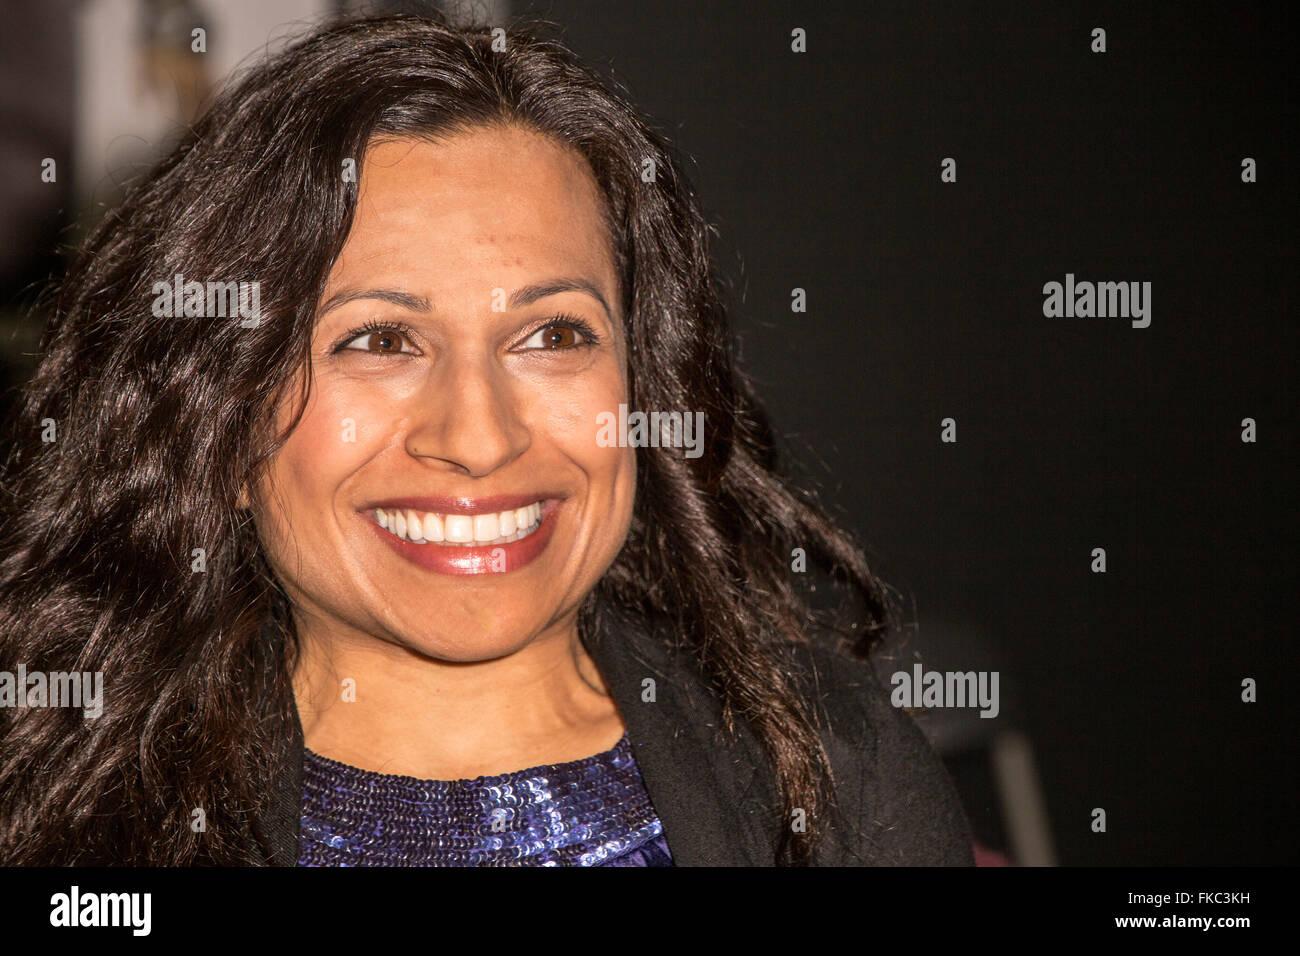 Arti Shah è l'attrice che interpreta il ruolo di Maz Kanata in Star Wars Episodio VII: la forza risveglia Immagini Stock